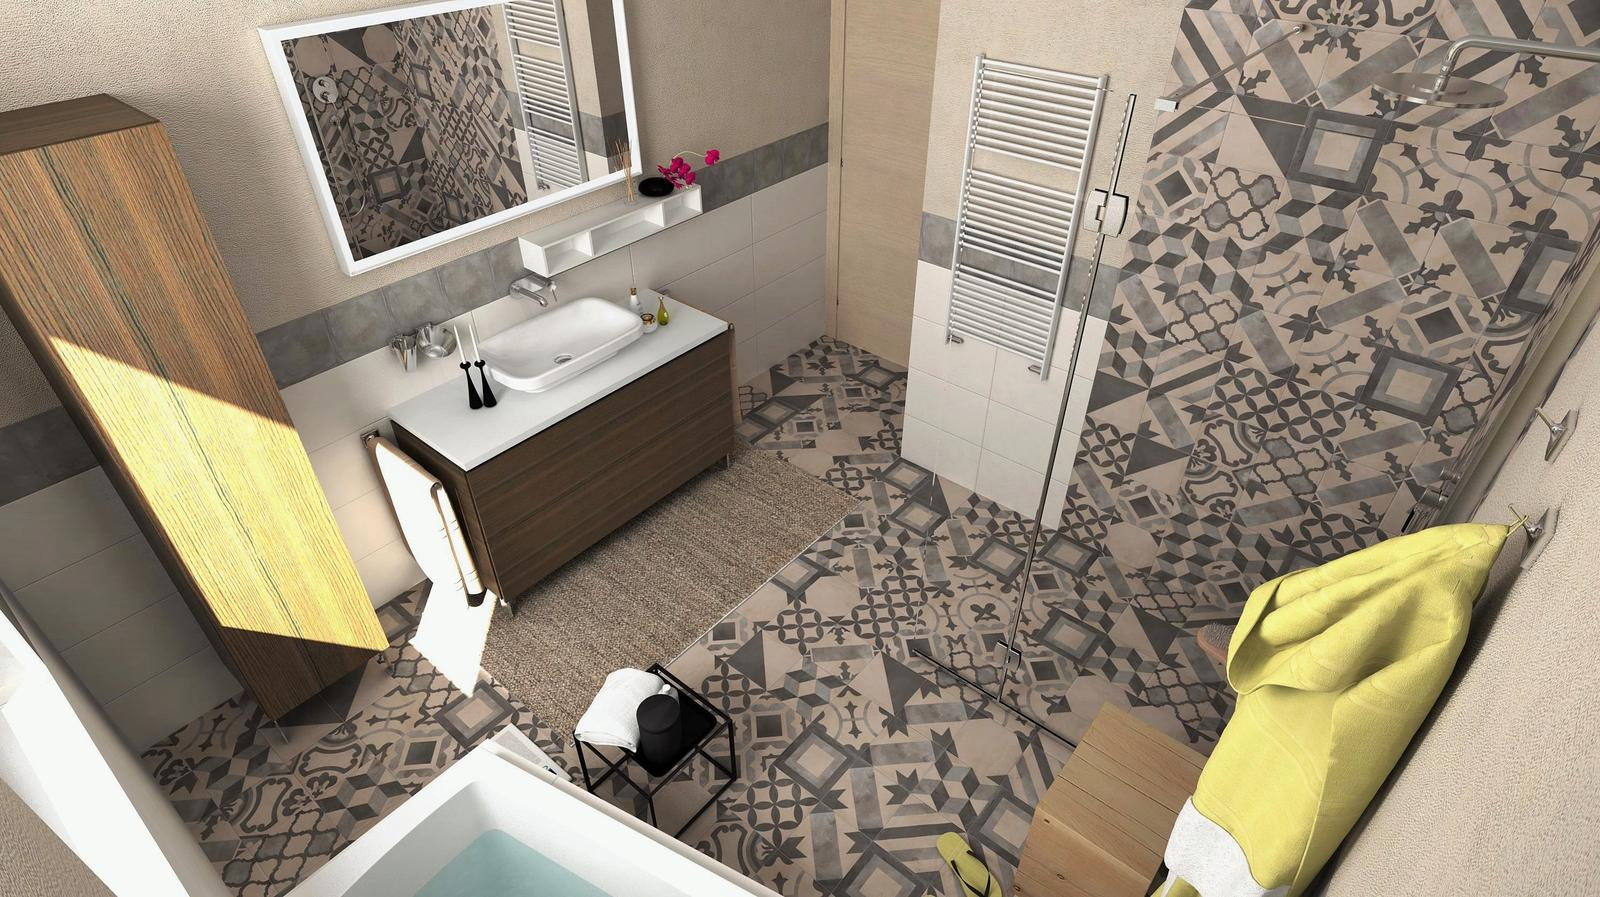 Vizualizácie kúpeľní - Návrh a vizualizácia kúpeľne